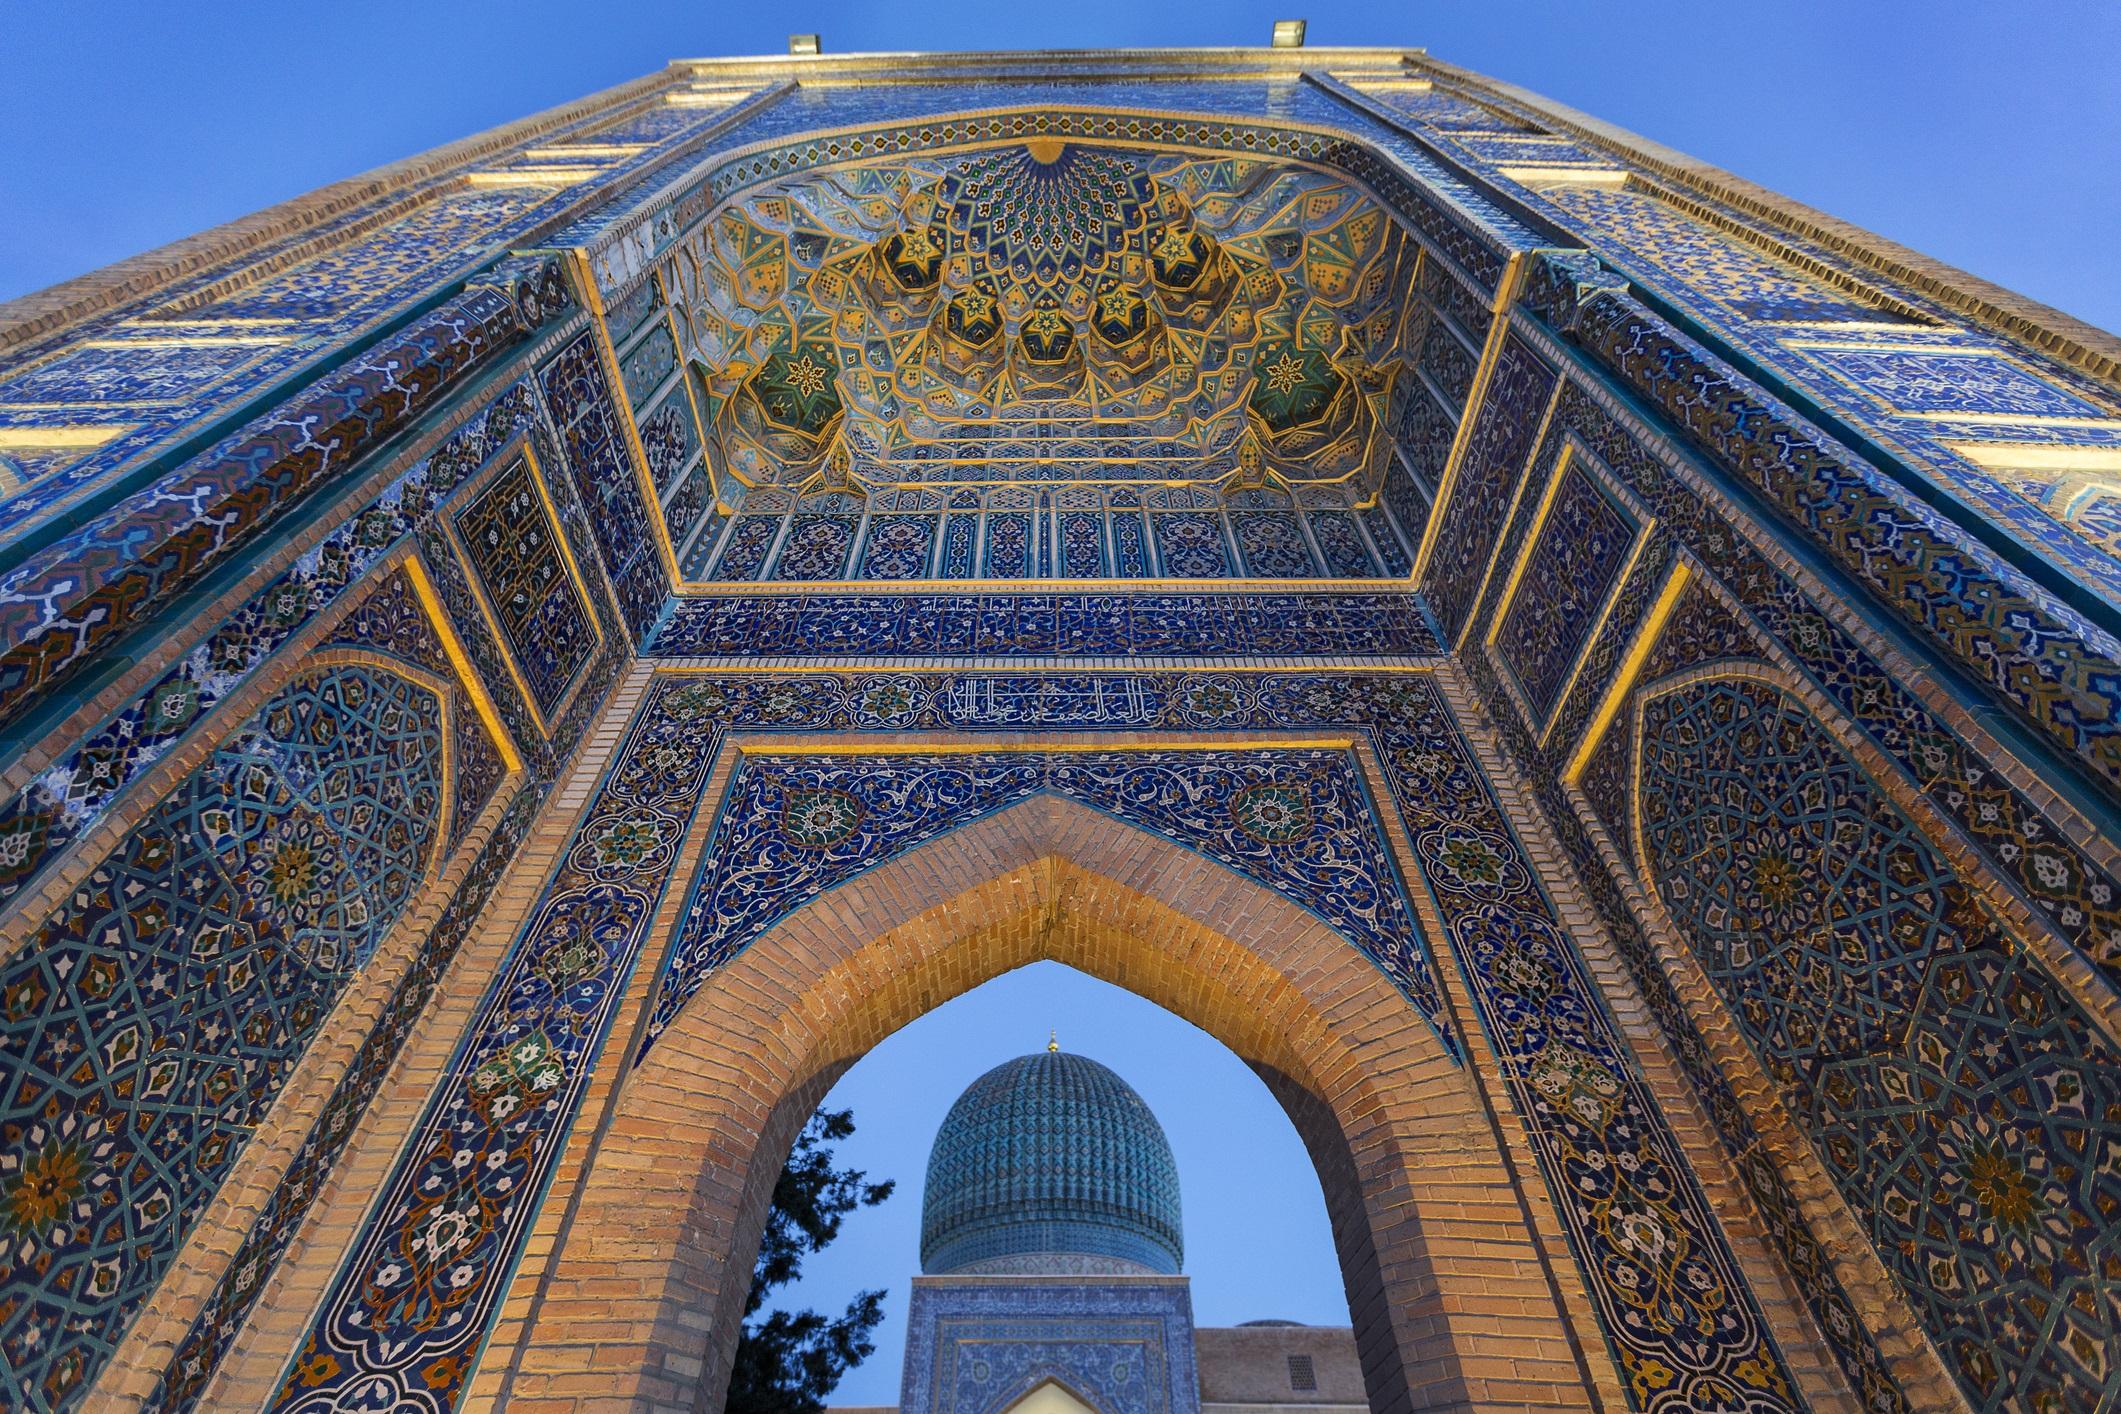 Узбекистан<br /> <br /> Узбекистан отдавна вълнува пътешествениците със своите джамии, облицовани с плочки, и с Пътя на коприната. Страната обаче остава до голяма степен затворена за външния свят заради строгия контрол, последвал ерата на СССР. За щастие се забелязва настъпването на промяната. В края на 2017 г. Узбекистан улесни туризма като направи по-лесно издаването на визи и направи разширения на железопътния си транспорт, което прави достъпа до архитектурните чудеса и древни градове значително по-лесен.